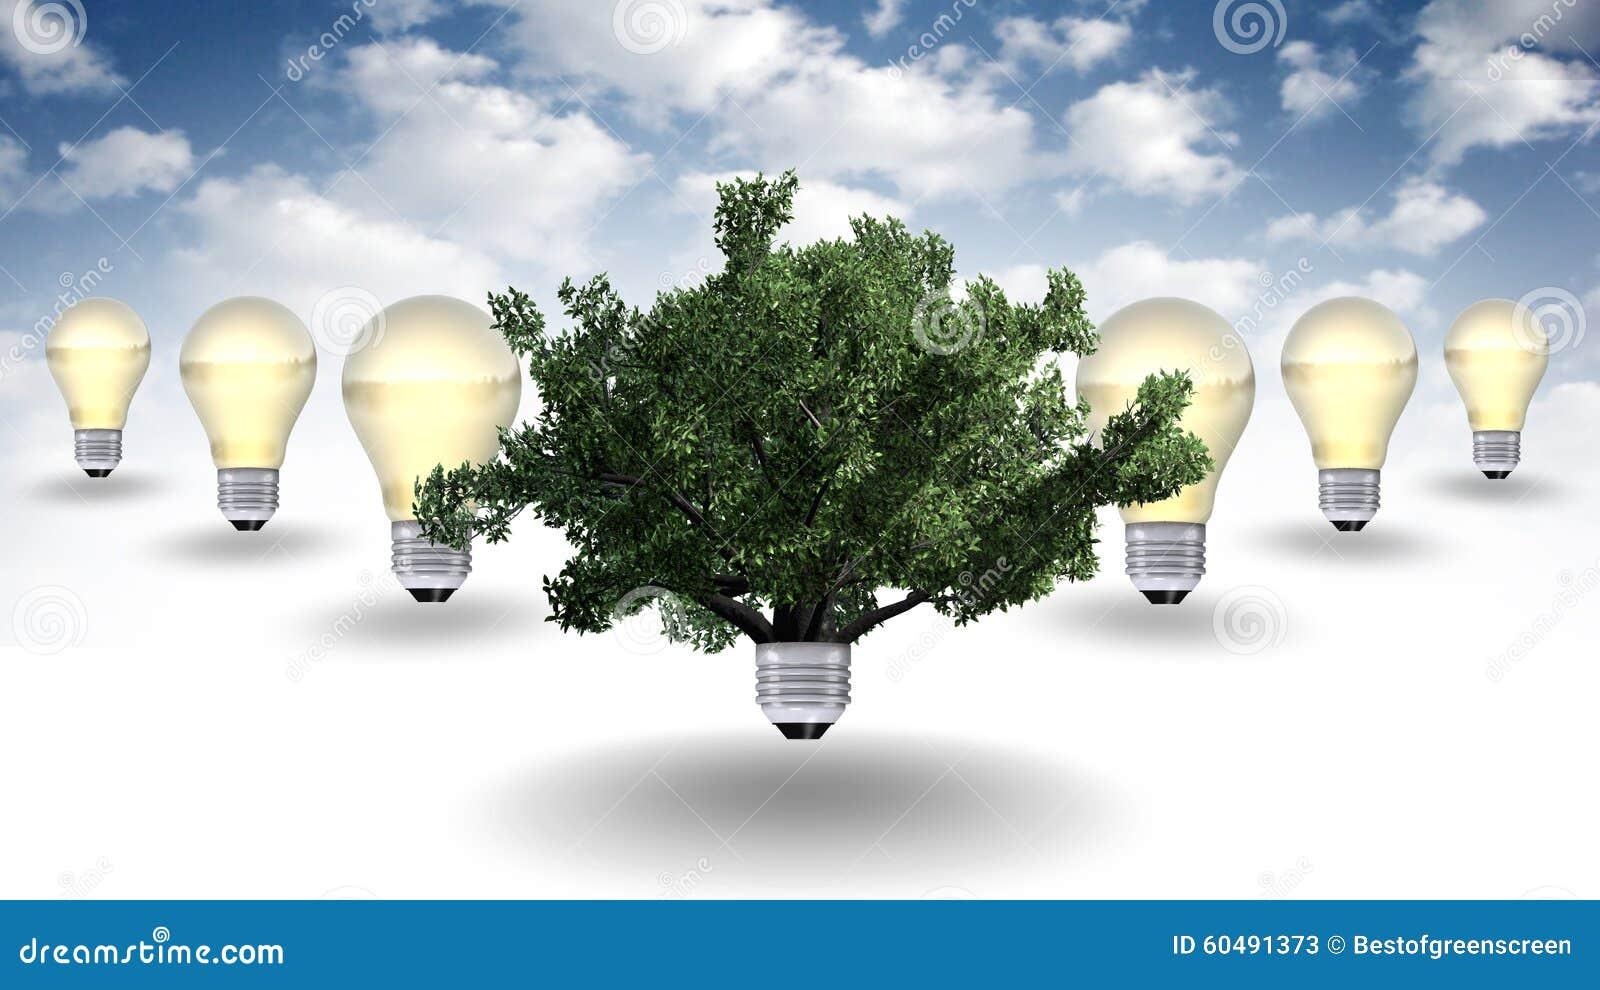 可绘制源表格,背景量天空-在电灯泡的树和发光语言概念的再造的绿色反对标志r图片